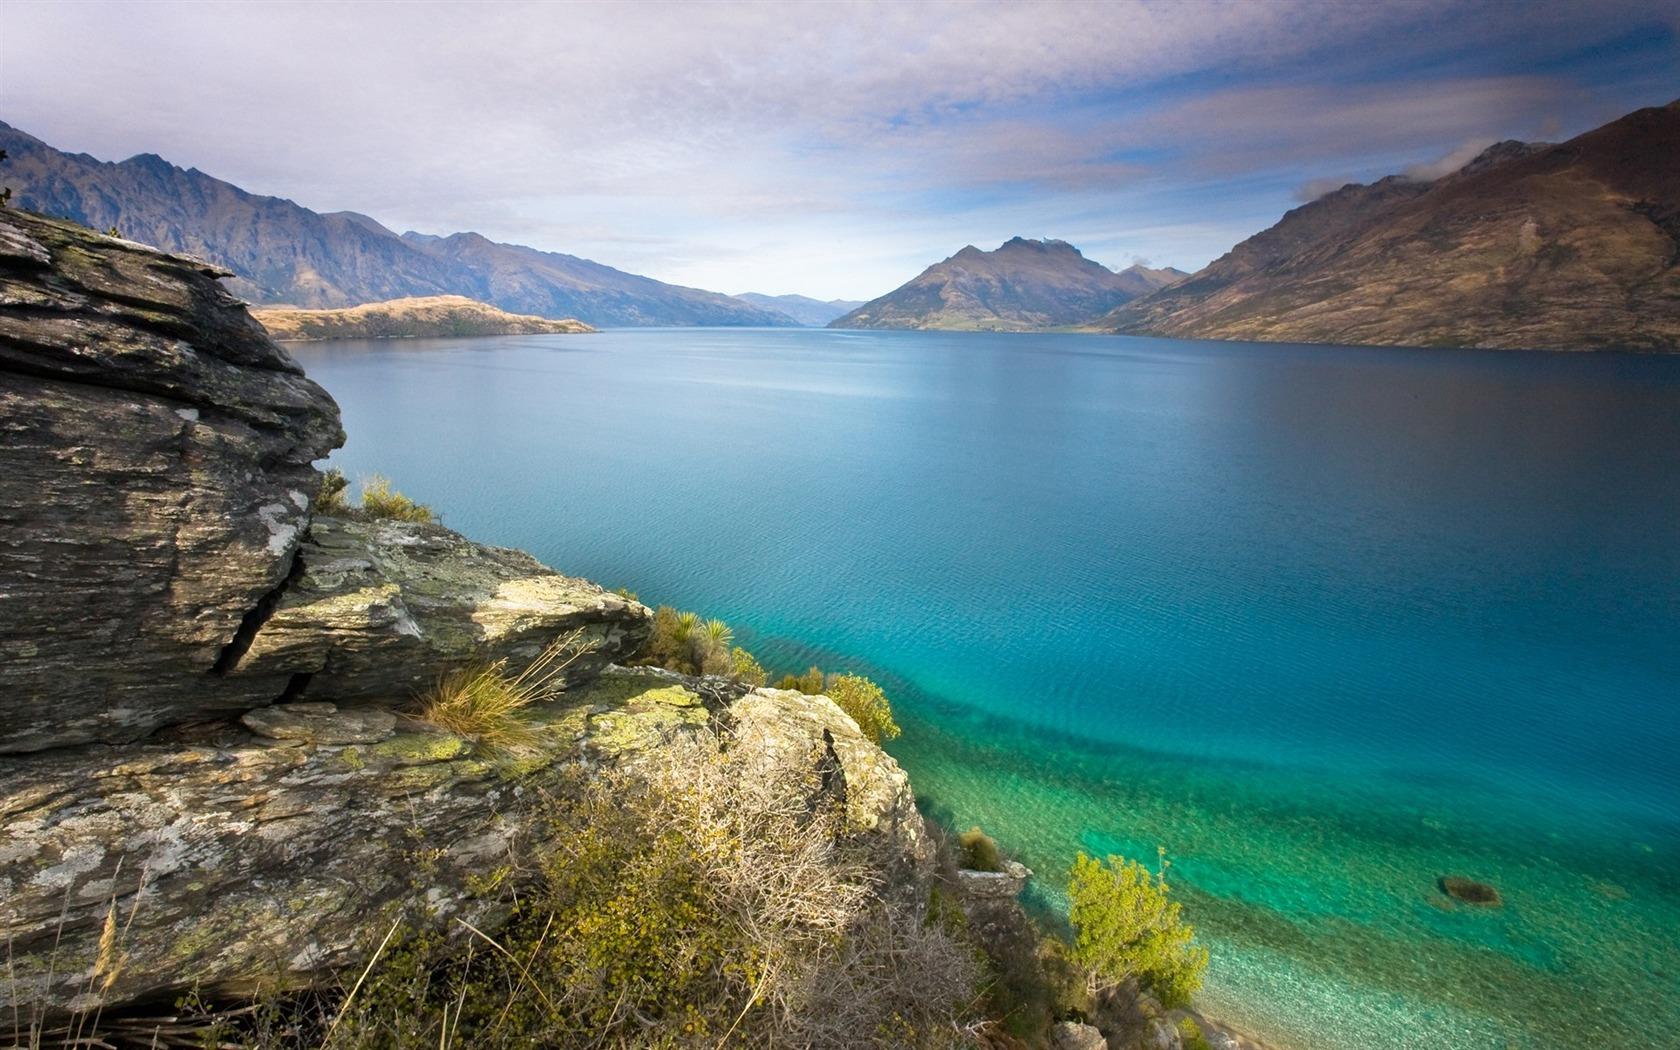 Souvent Nouvelle-Zélande papier peint paysage pittoresque #24 - 1680x1050  IA95